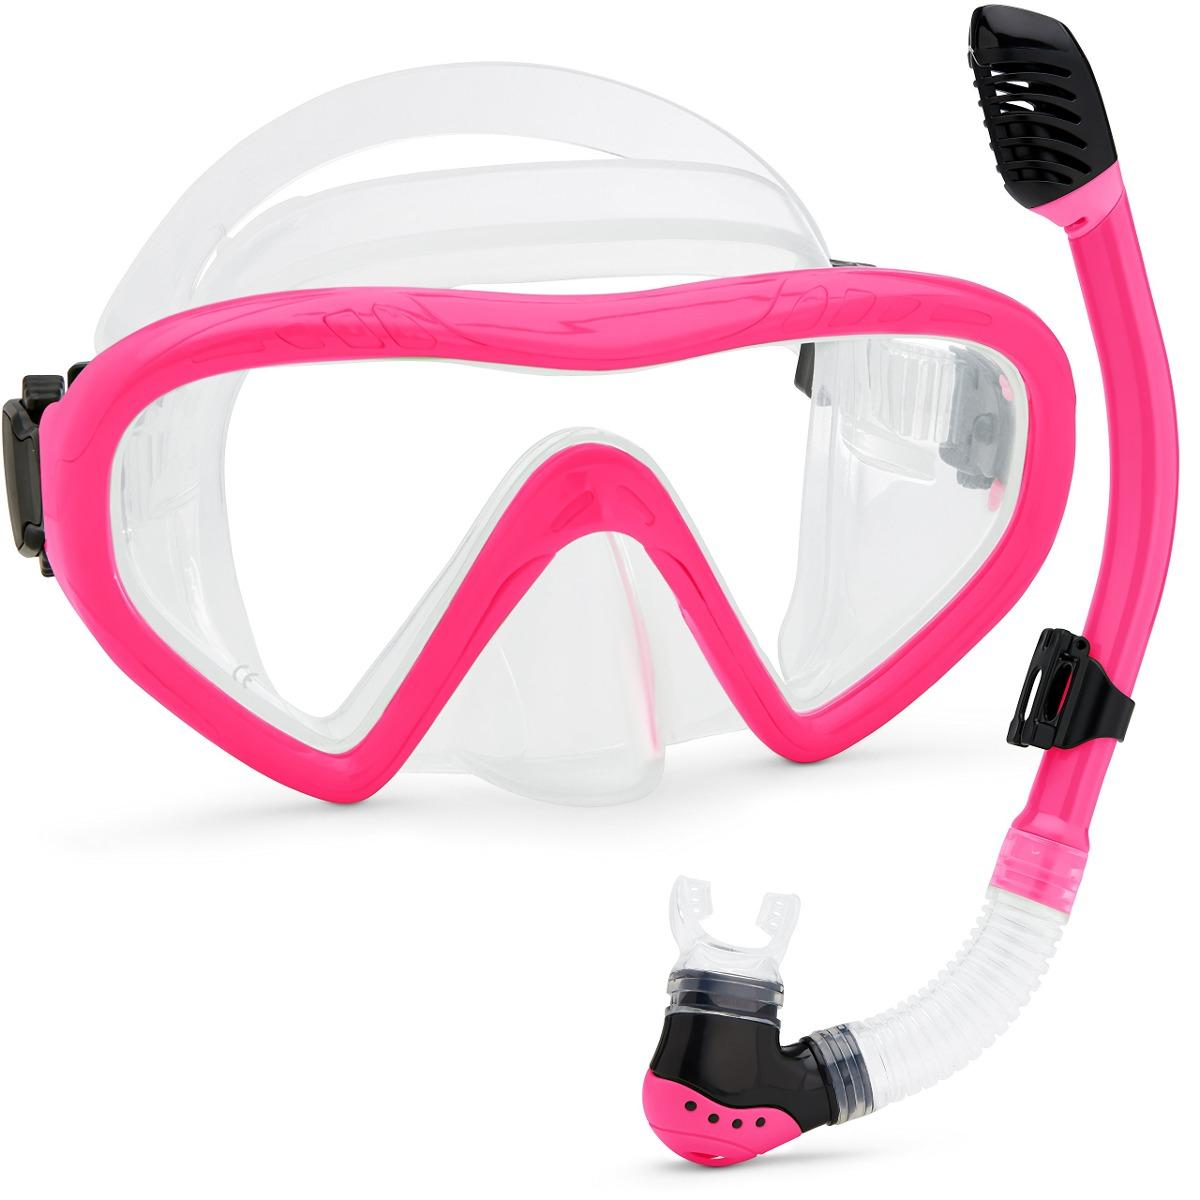 a8ec013054 Kids Snorkel Set Máscara Subacuática Snorkel Set Cómoda Len ...